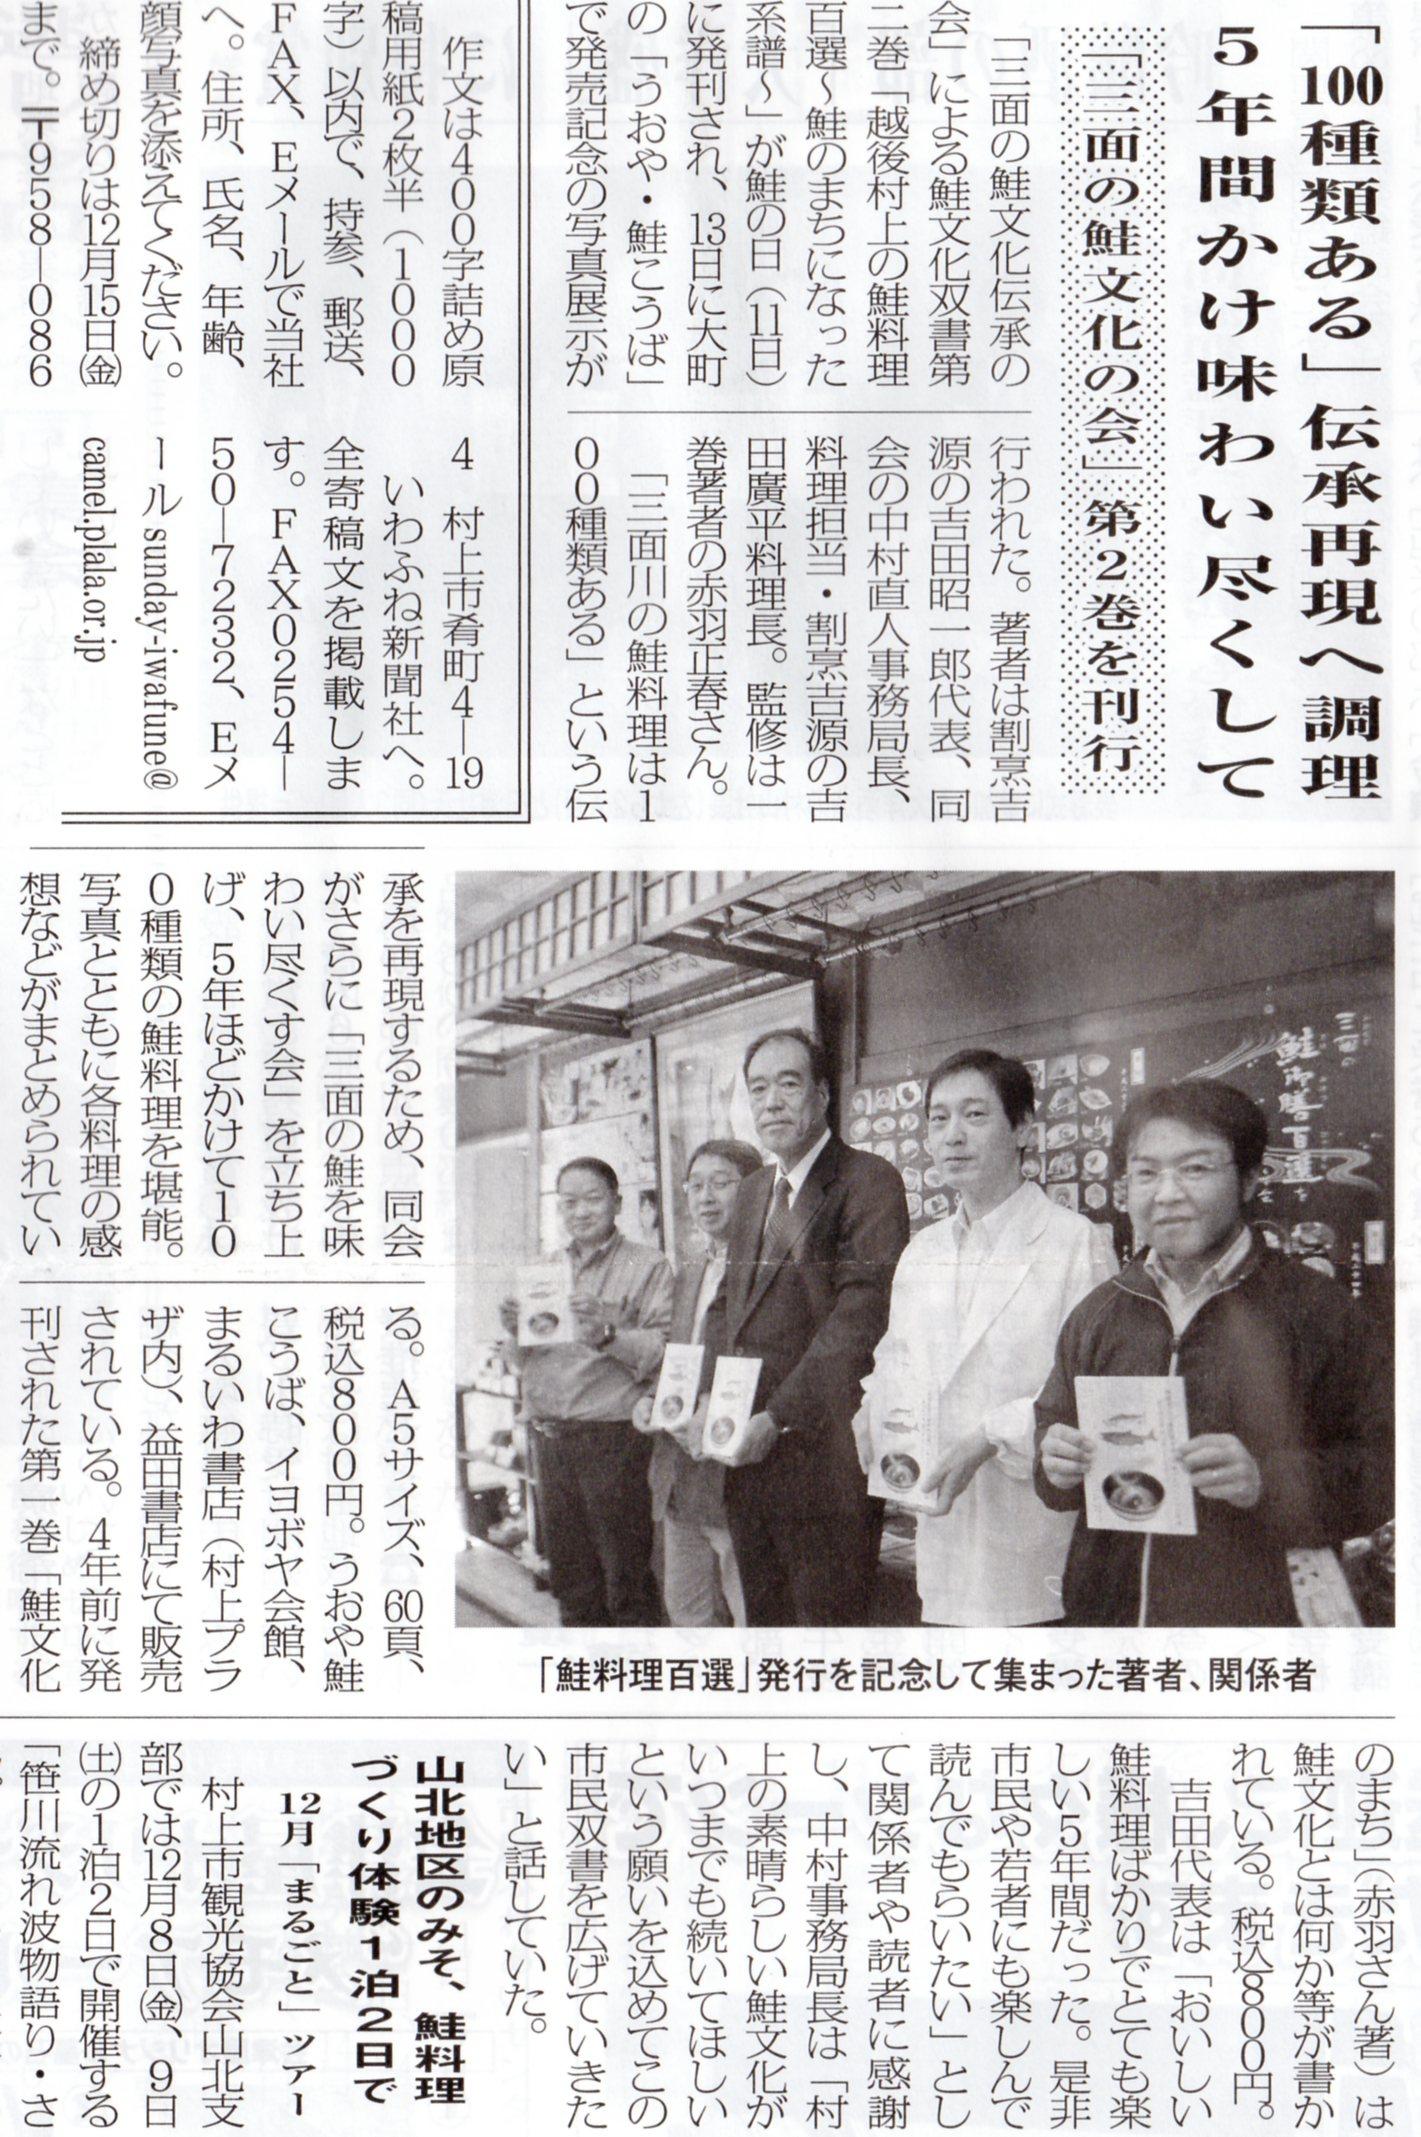 13日に大町の「うおや・鮭こうば」で発売記念の写頁展示が行われた